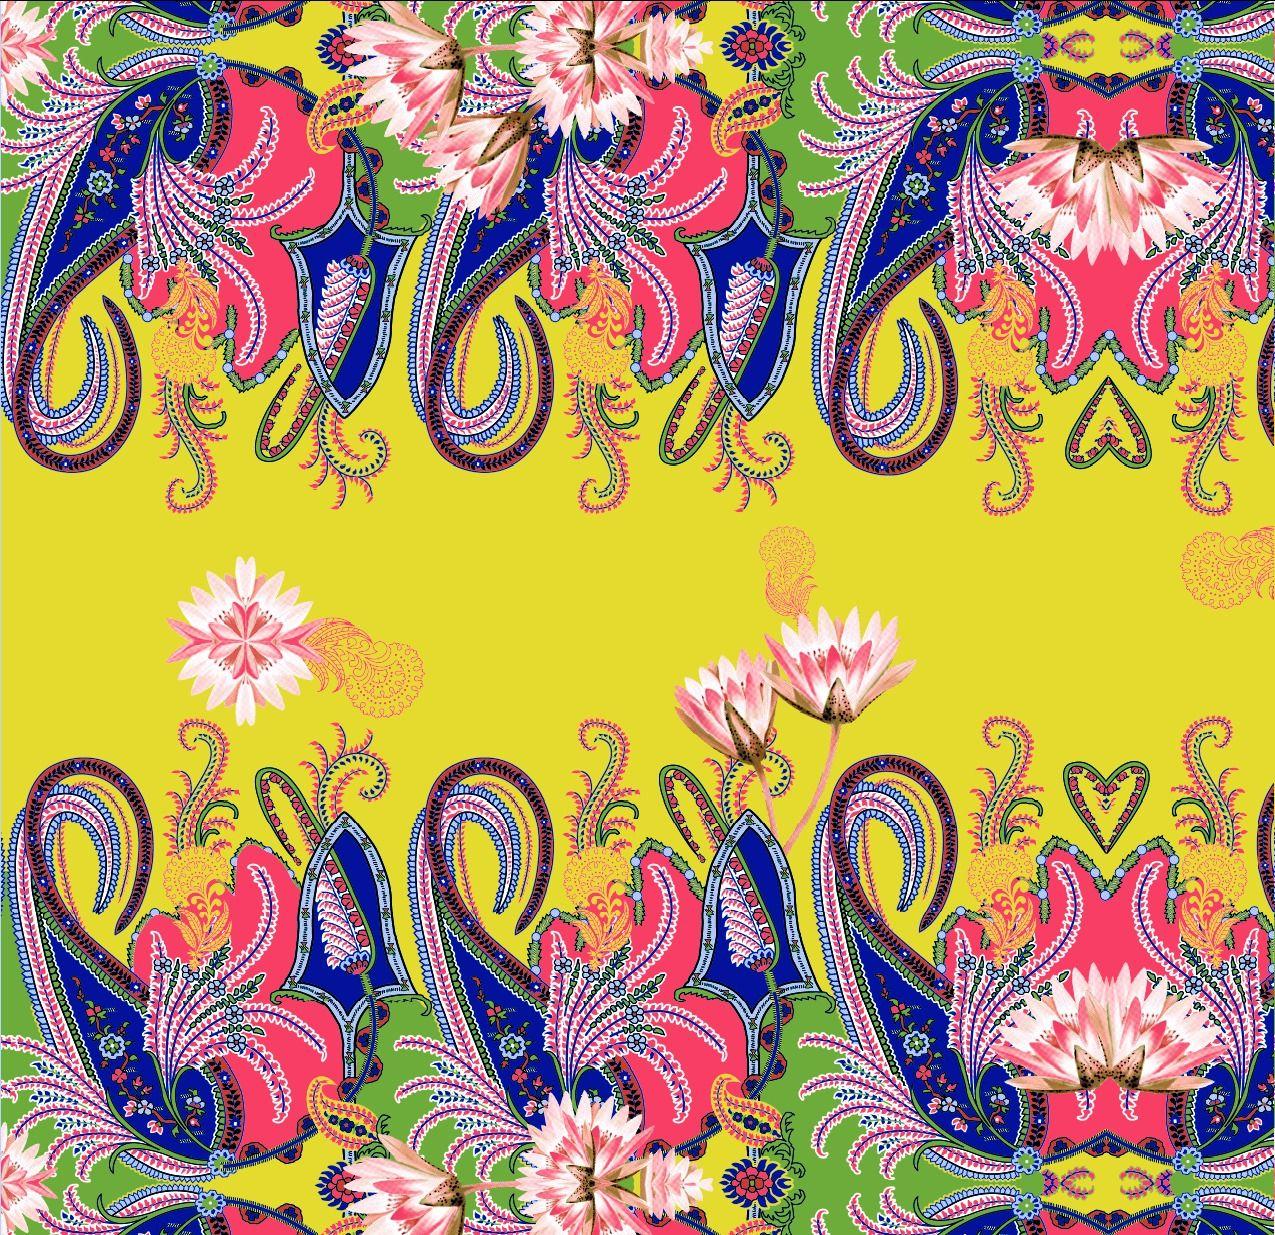 Munique - Lunelli Textil | www.lunelli.com.br